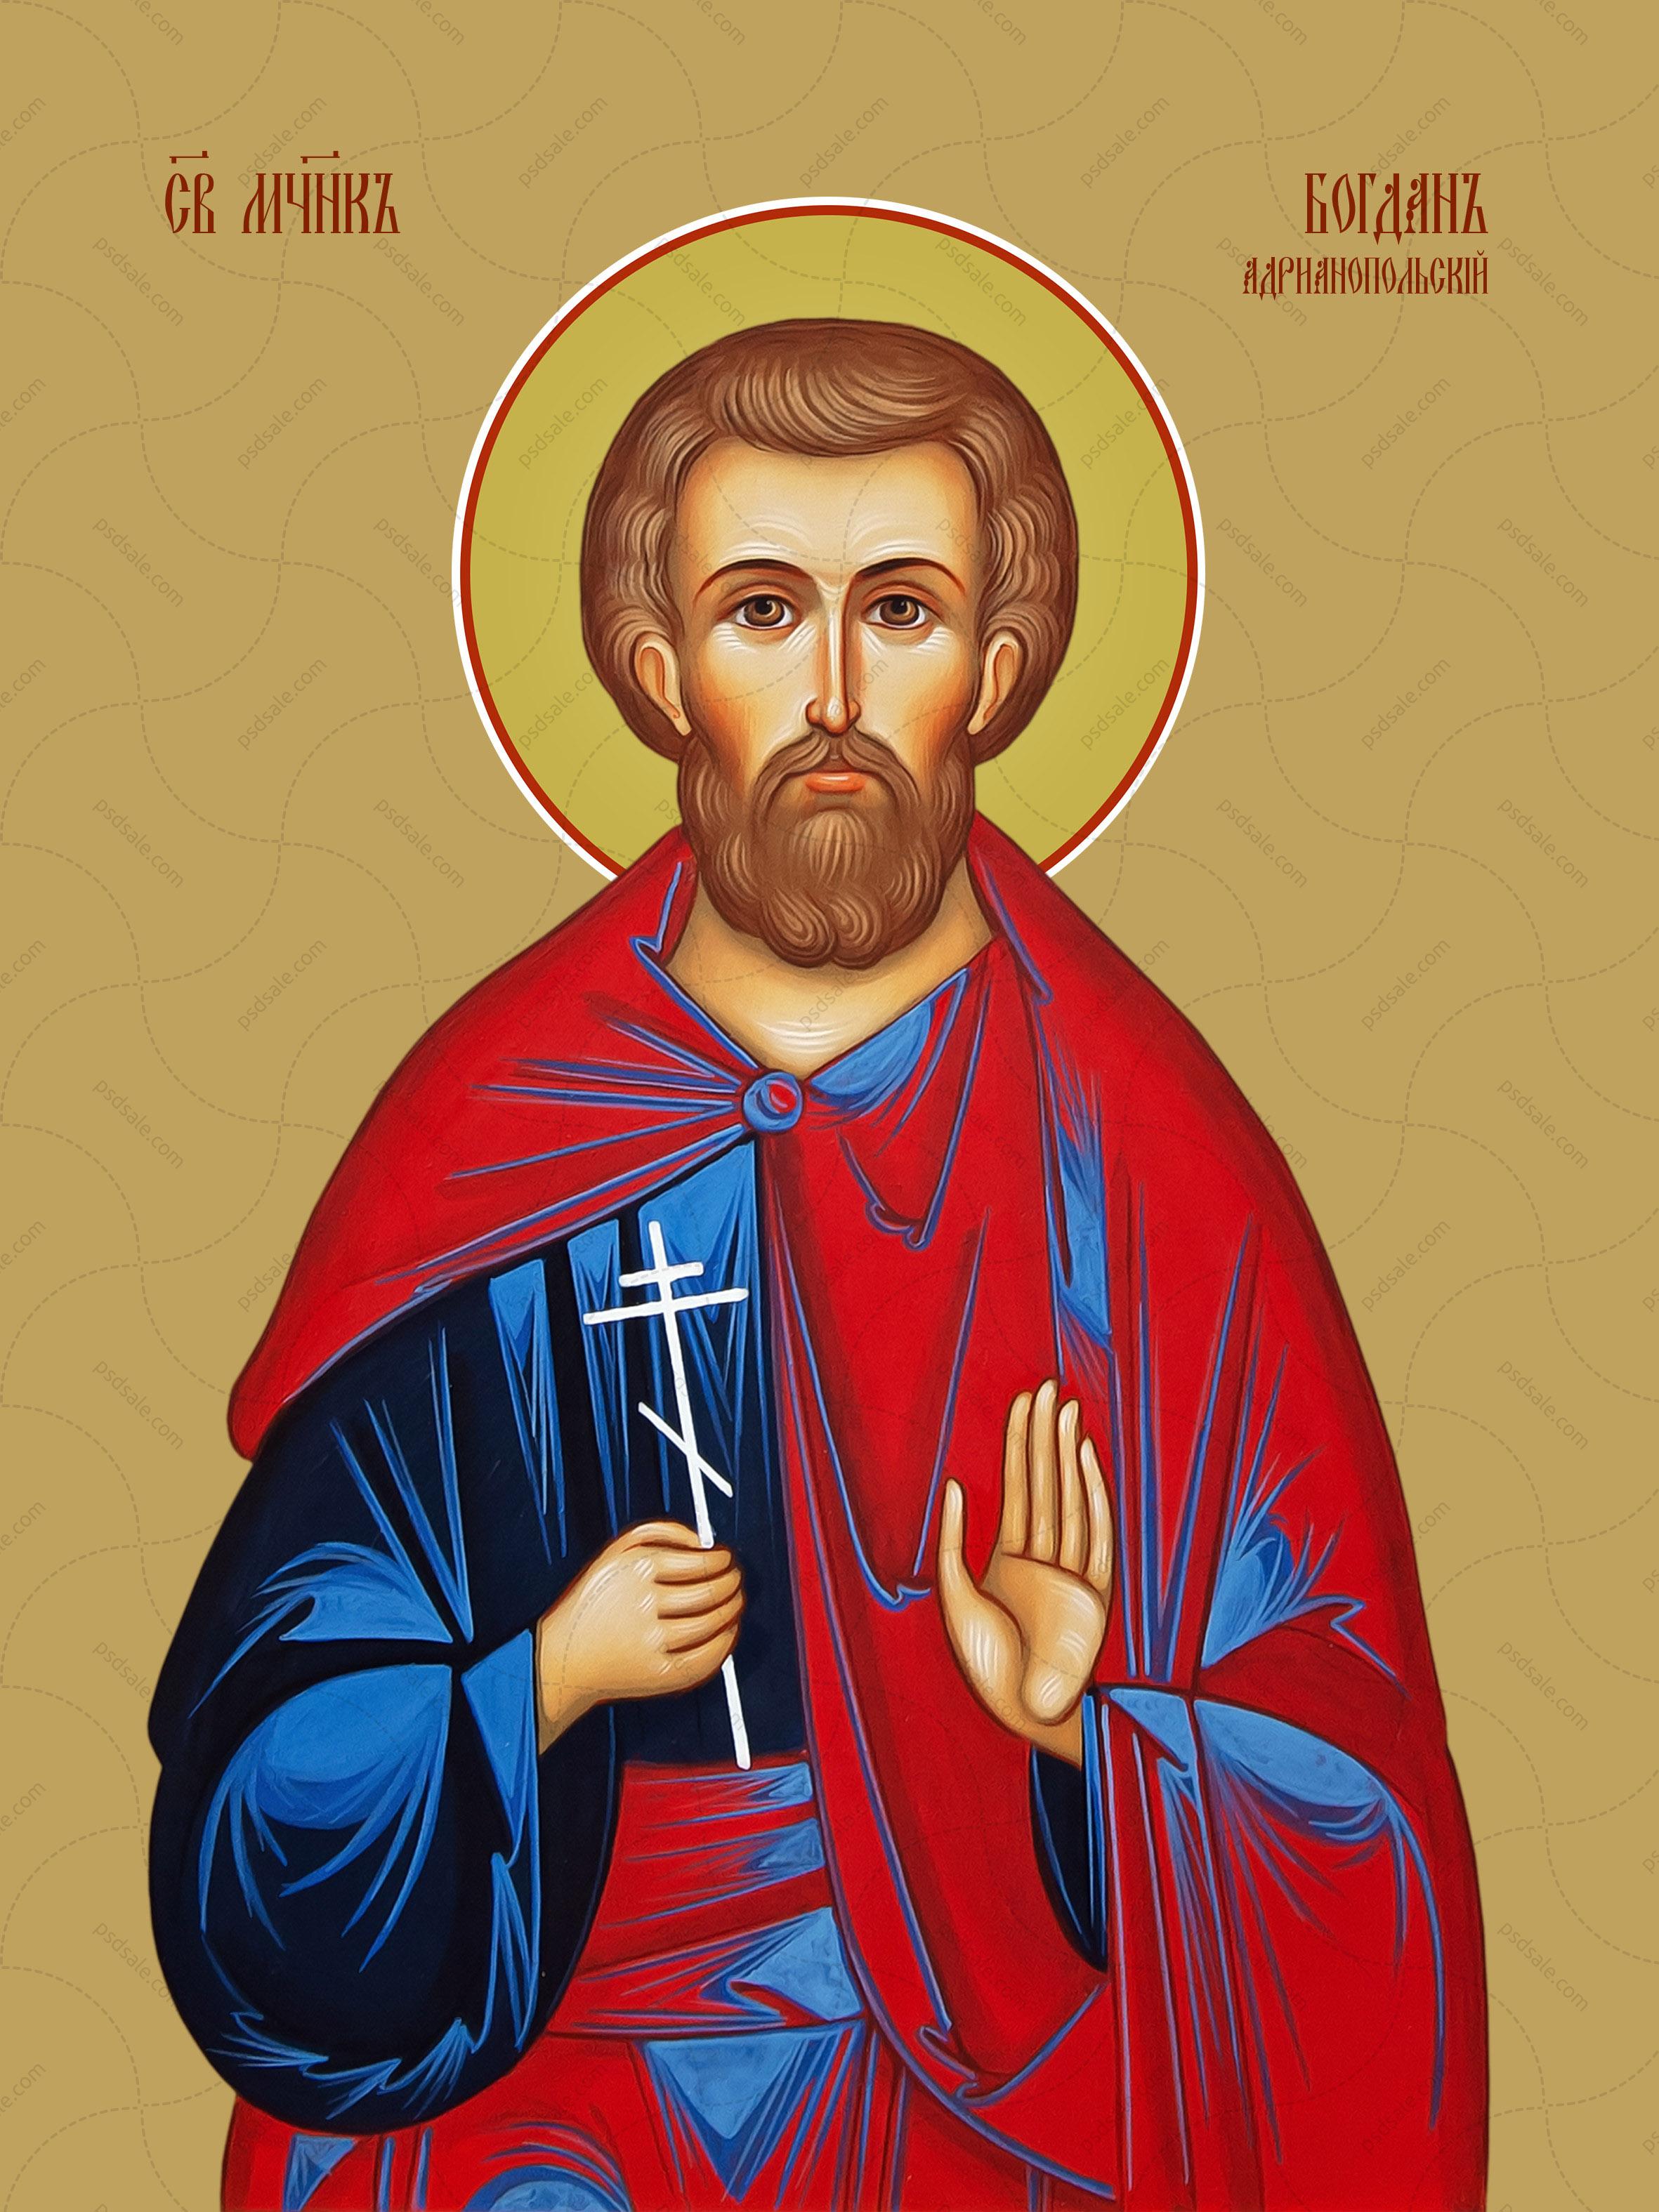 Богдан Адрианопольский, святой